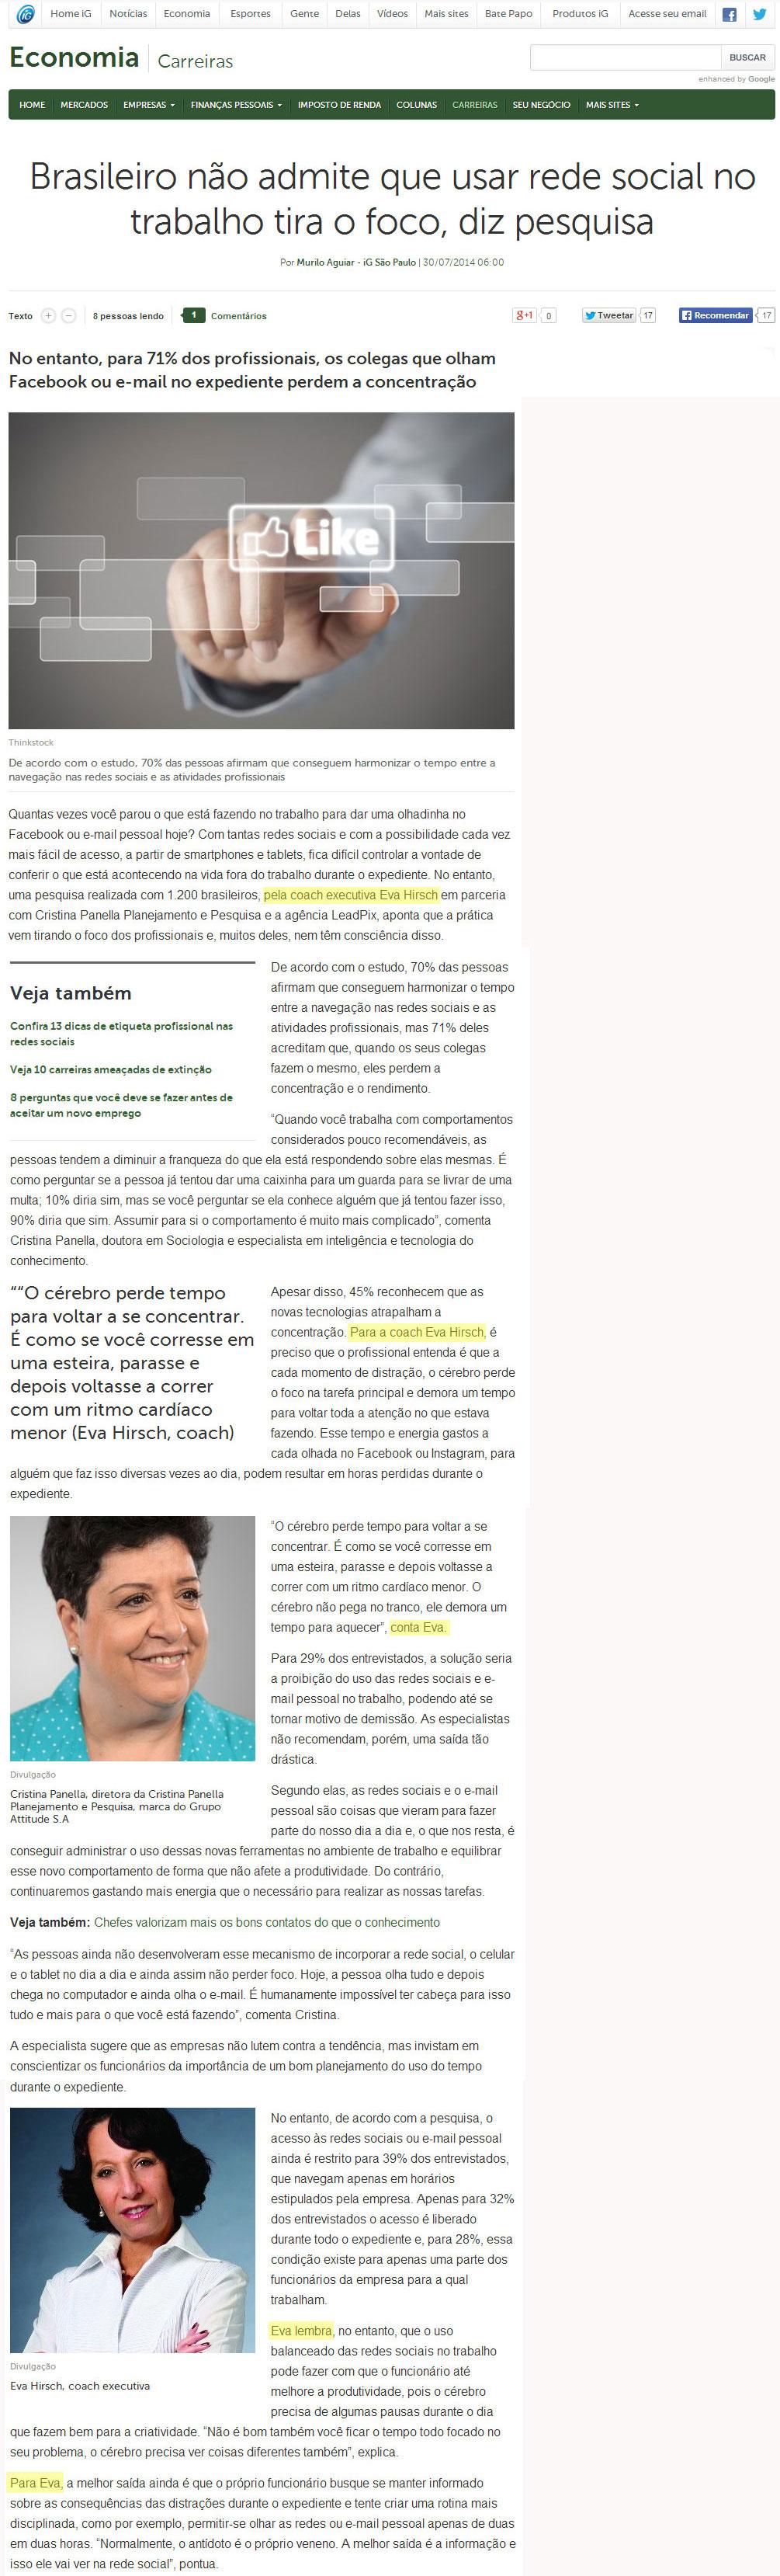 Portal-IG_Carreiras_30.7.2014